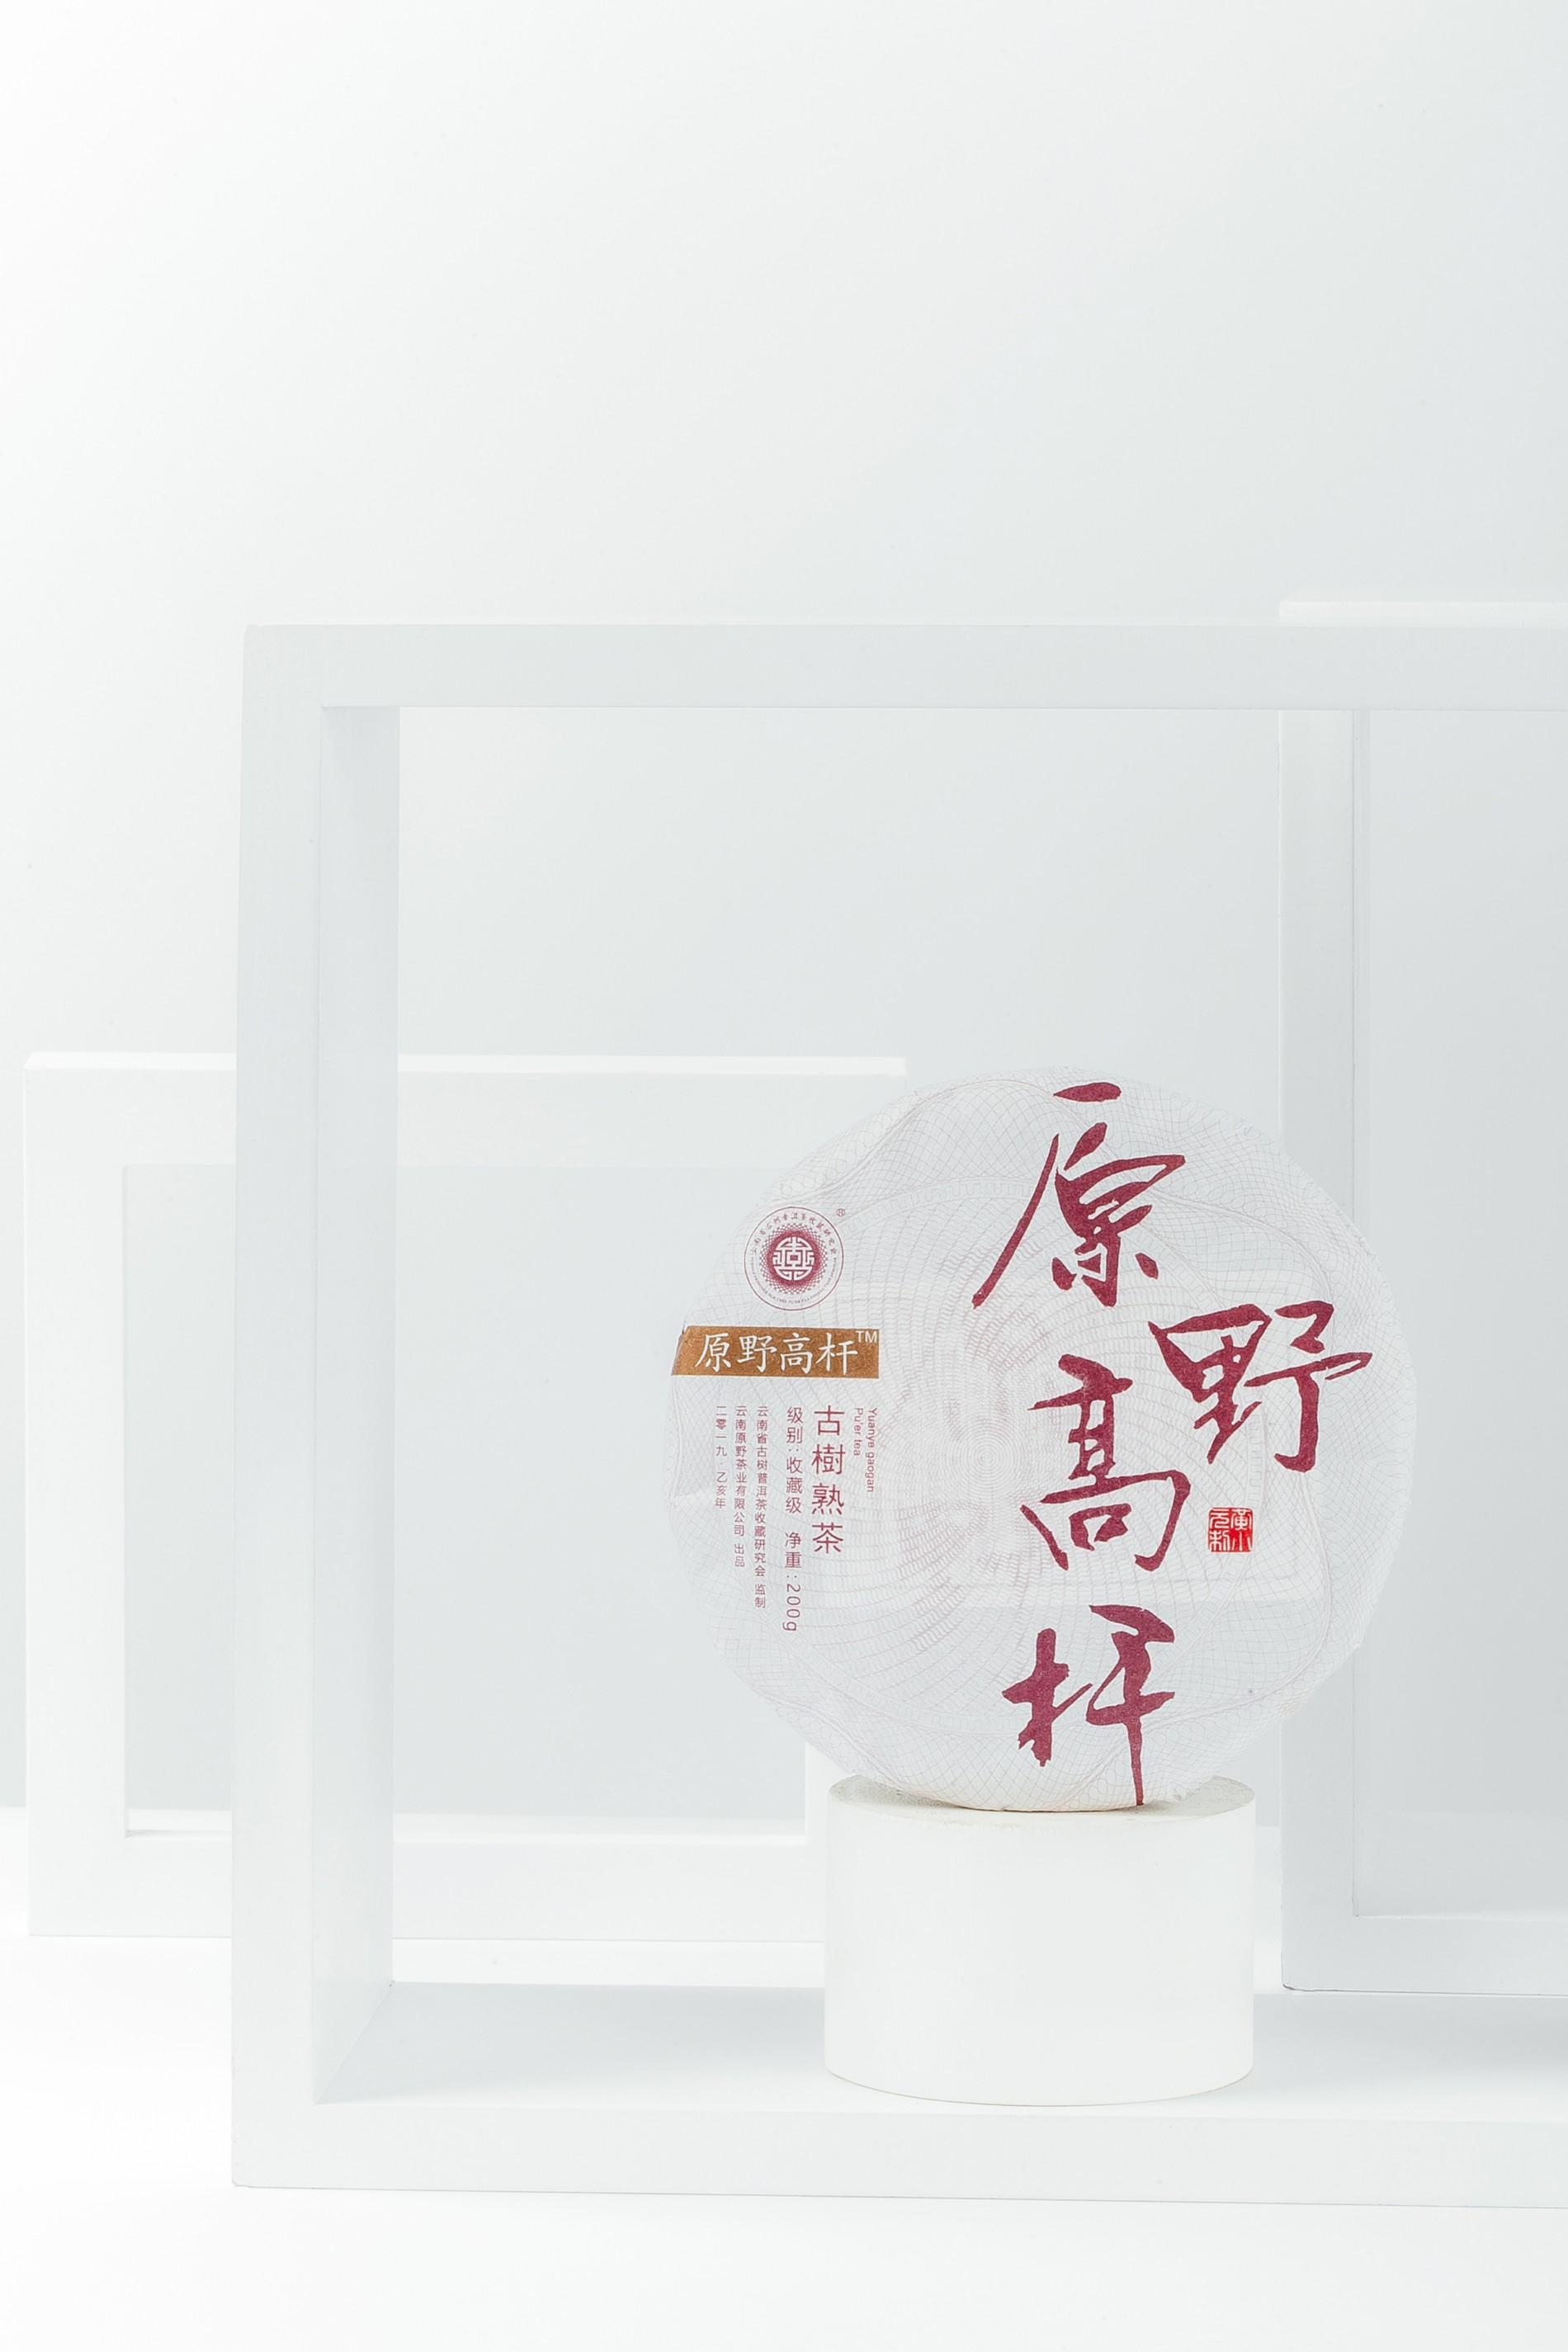 茶叶包装-意形社